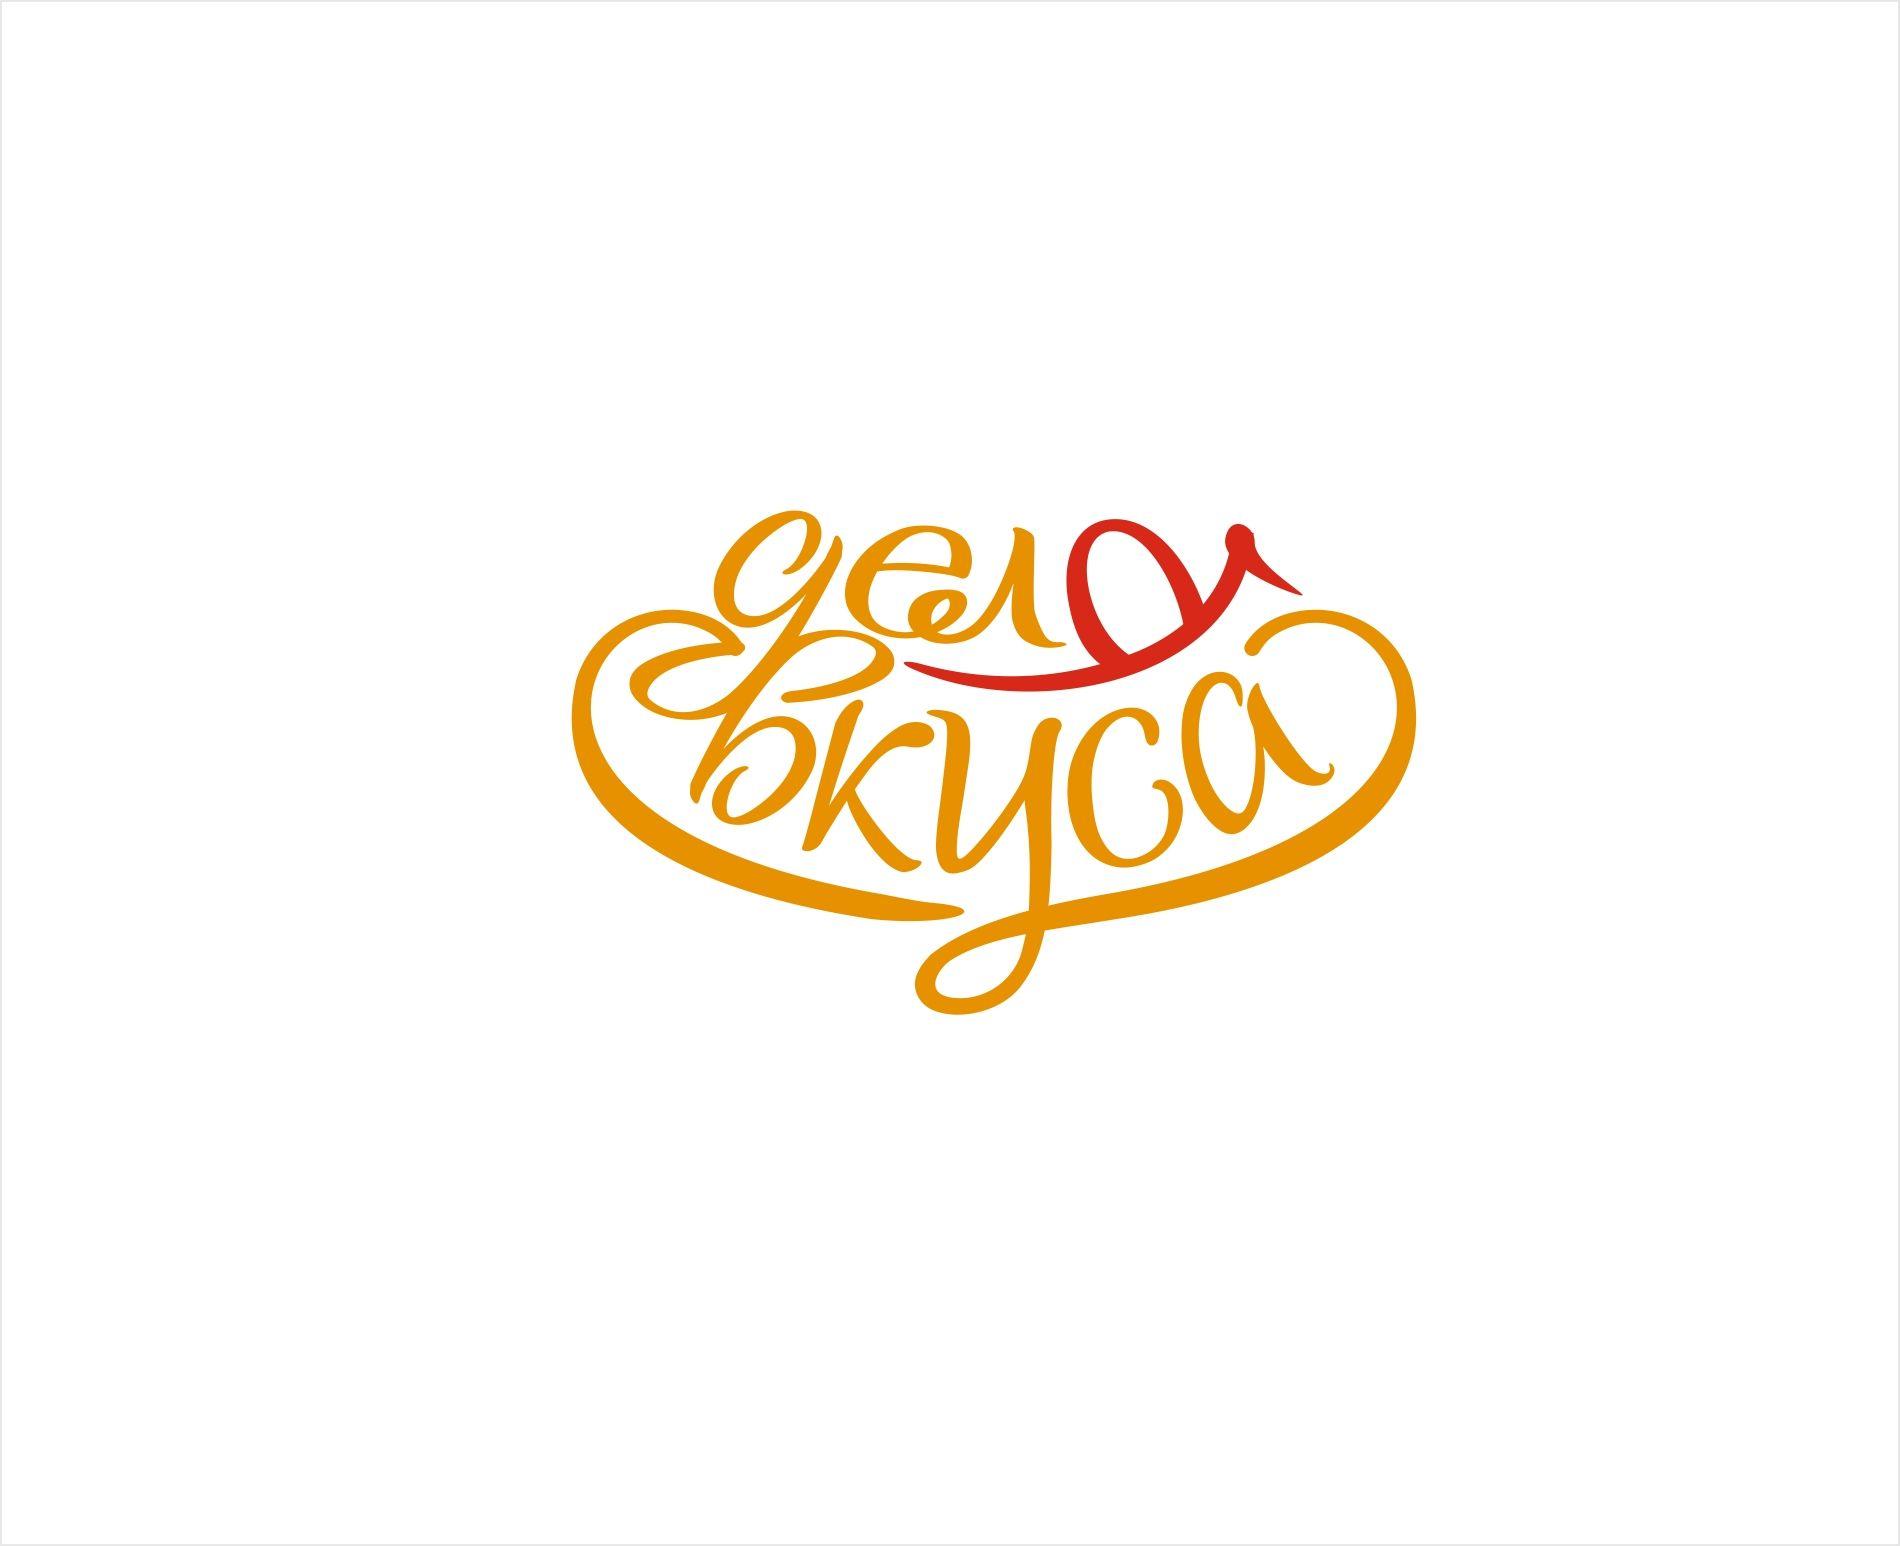 Логотип для кулинарного сайта - дизайнер kras-sky